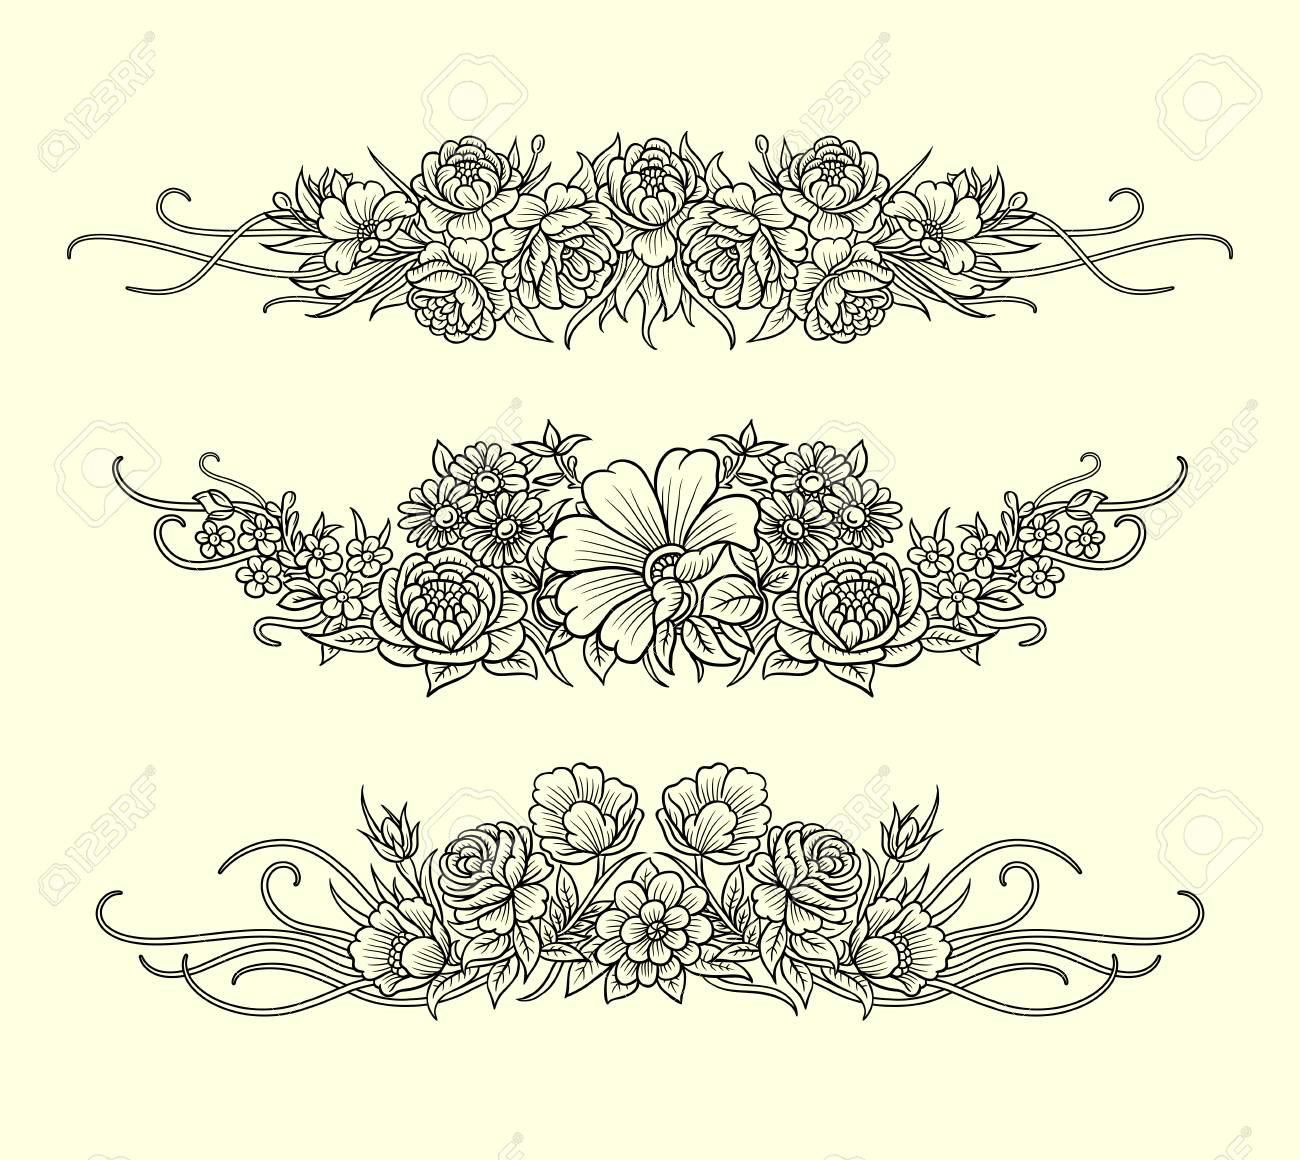 歩く姿は百合の花をイラストで簡単な描き方 イラストの描き方ねっと